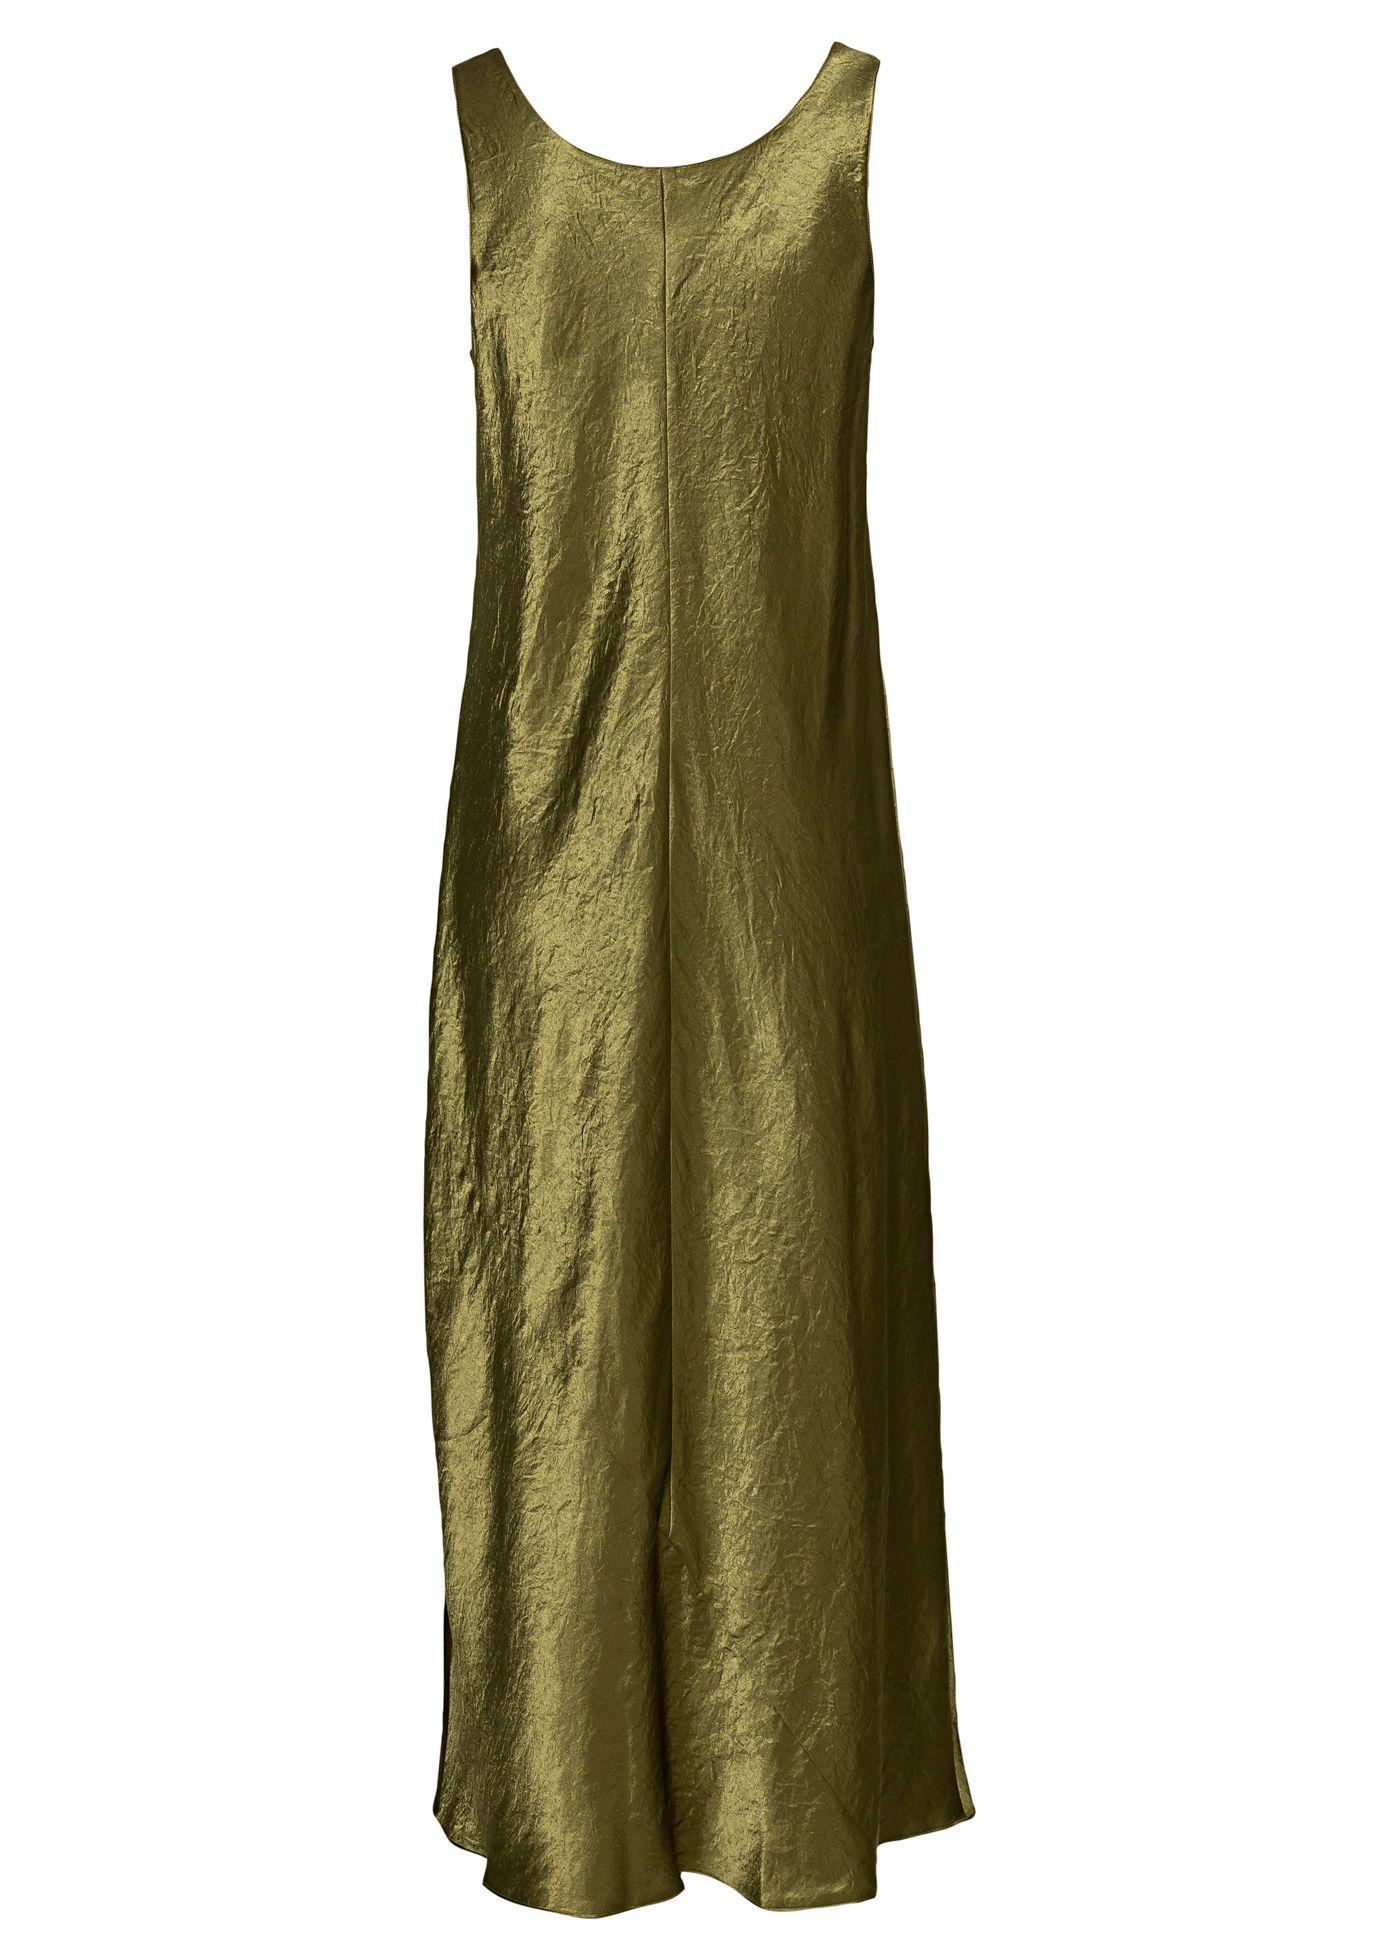 SQUARE NK TANK DRESS / SQUARE NK TANK DRESS image number 1